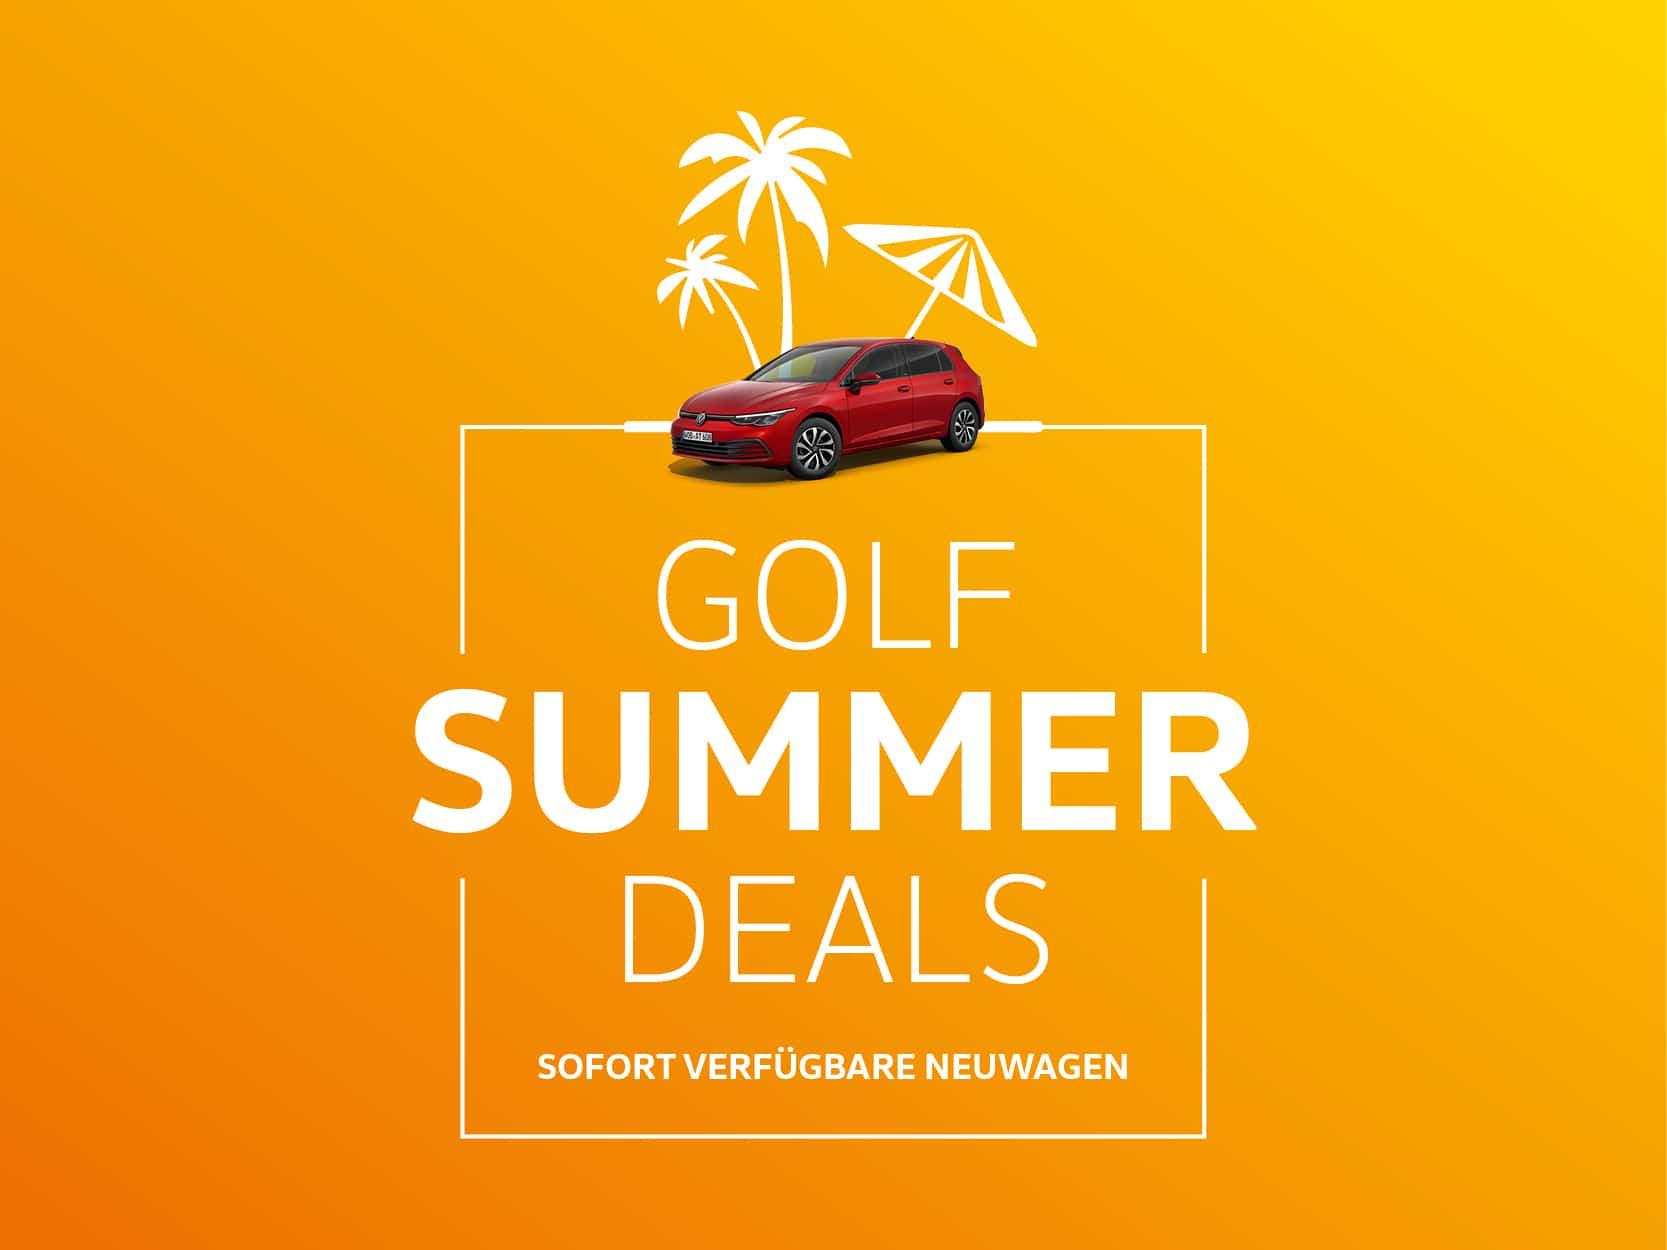 Golf Summer Deals